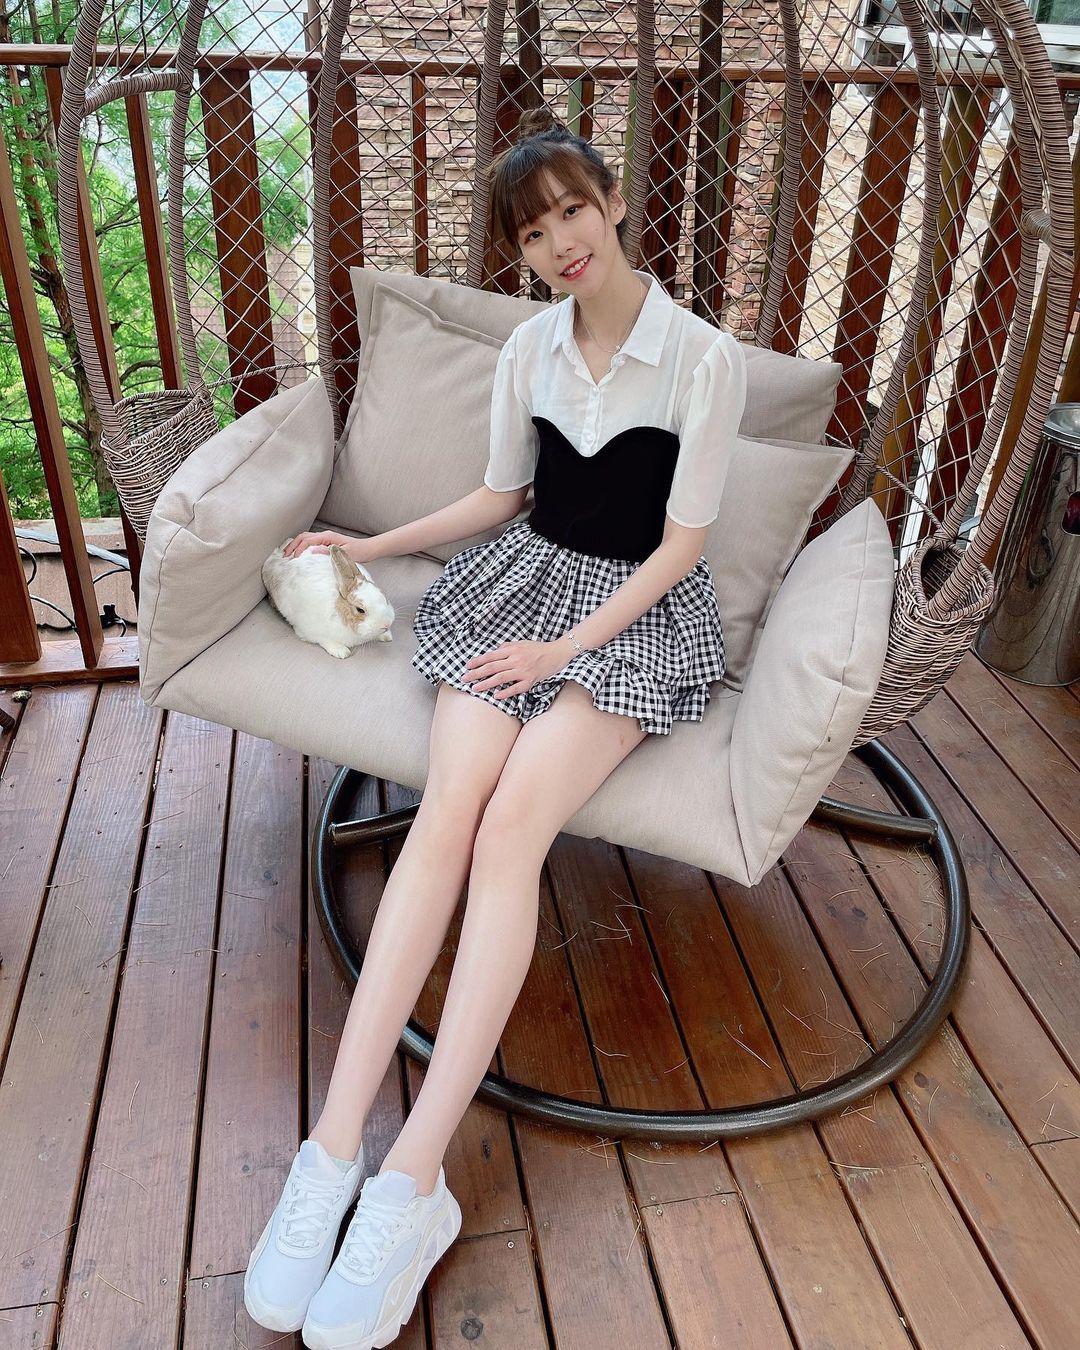 清纯可人的「萌系正妹」金渲mik,修长美腿超让人恋爱!笑容更是甜上加甜!-新图包